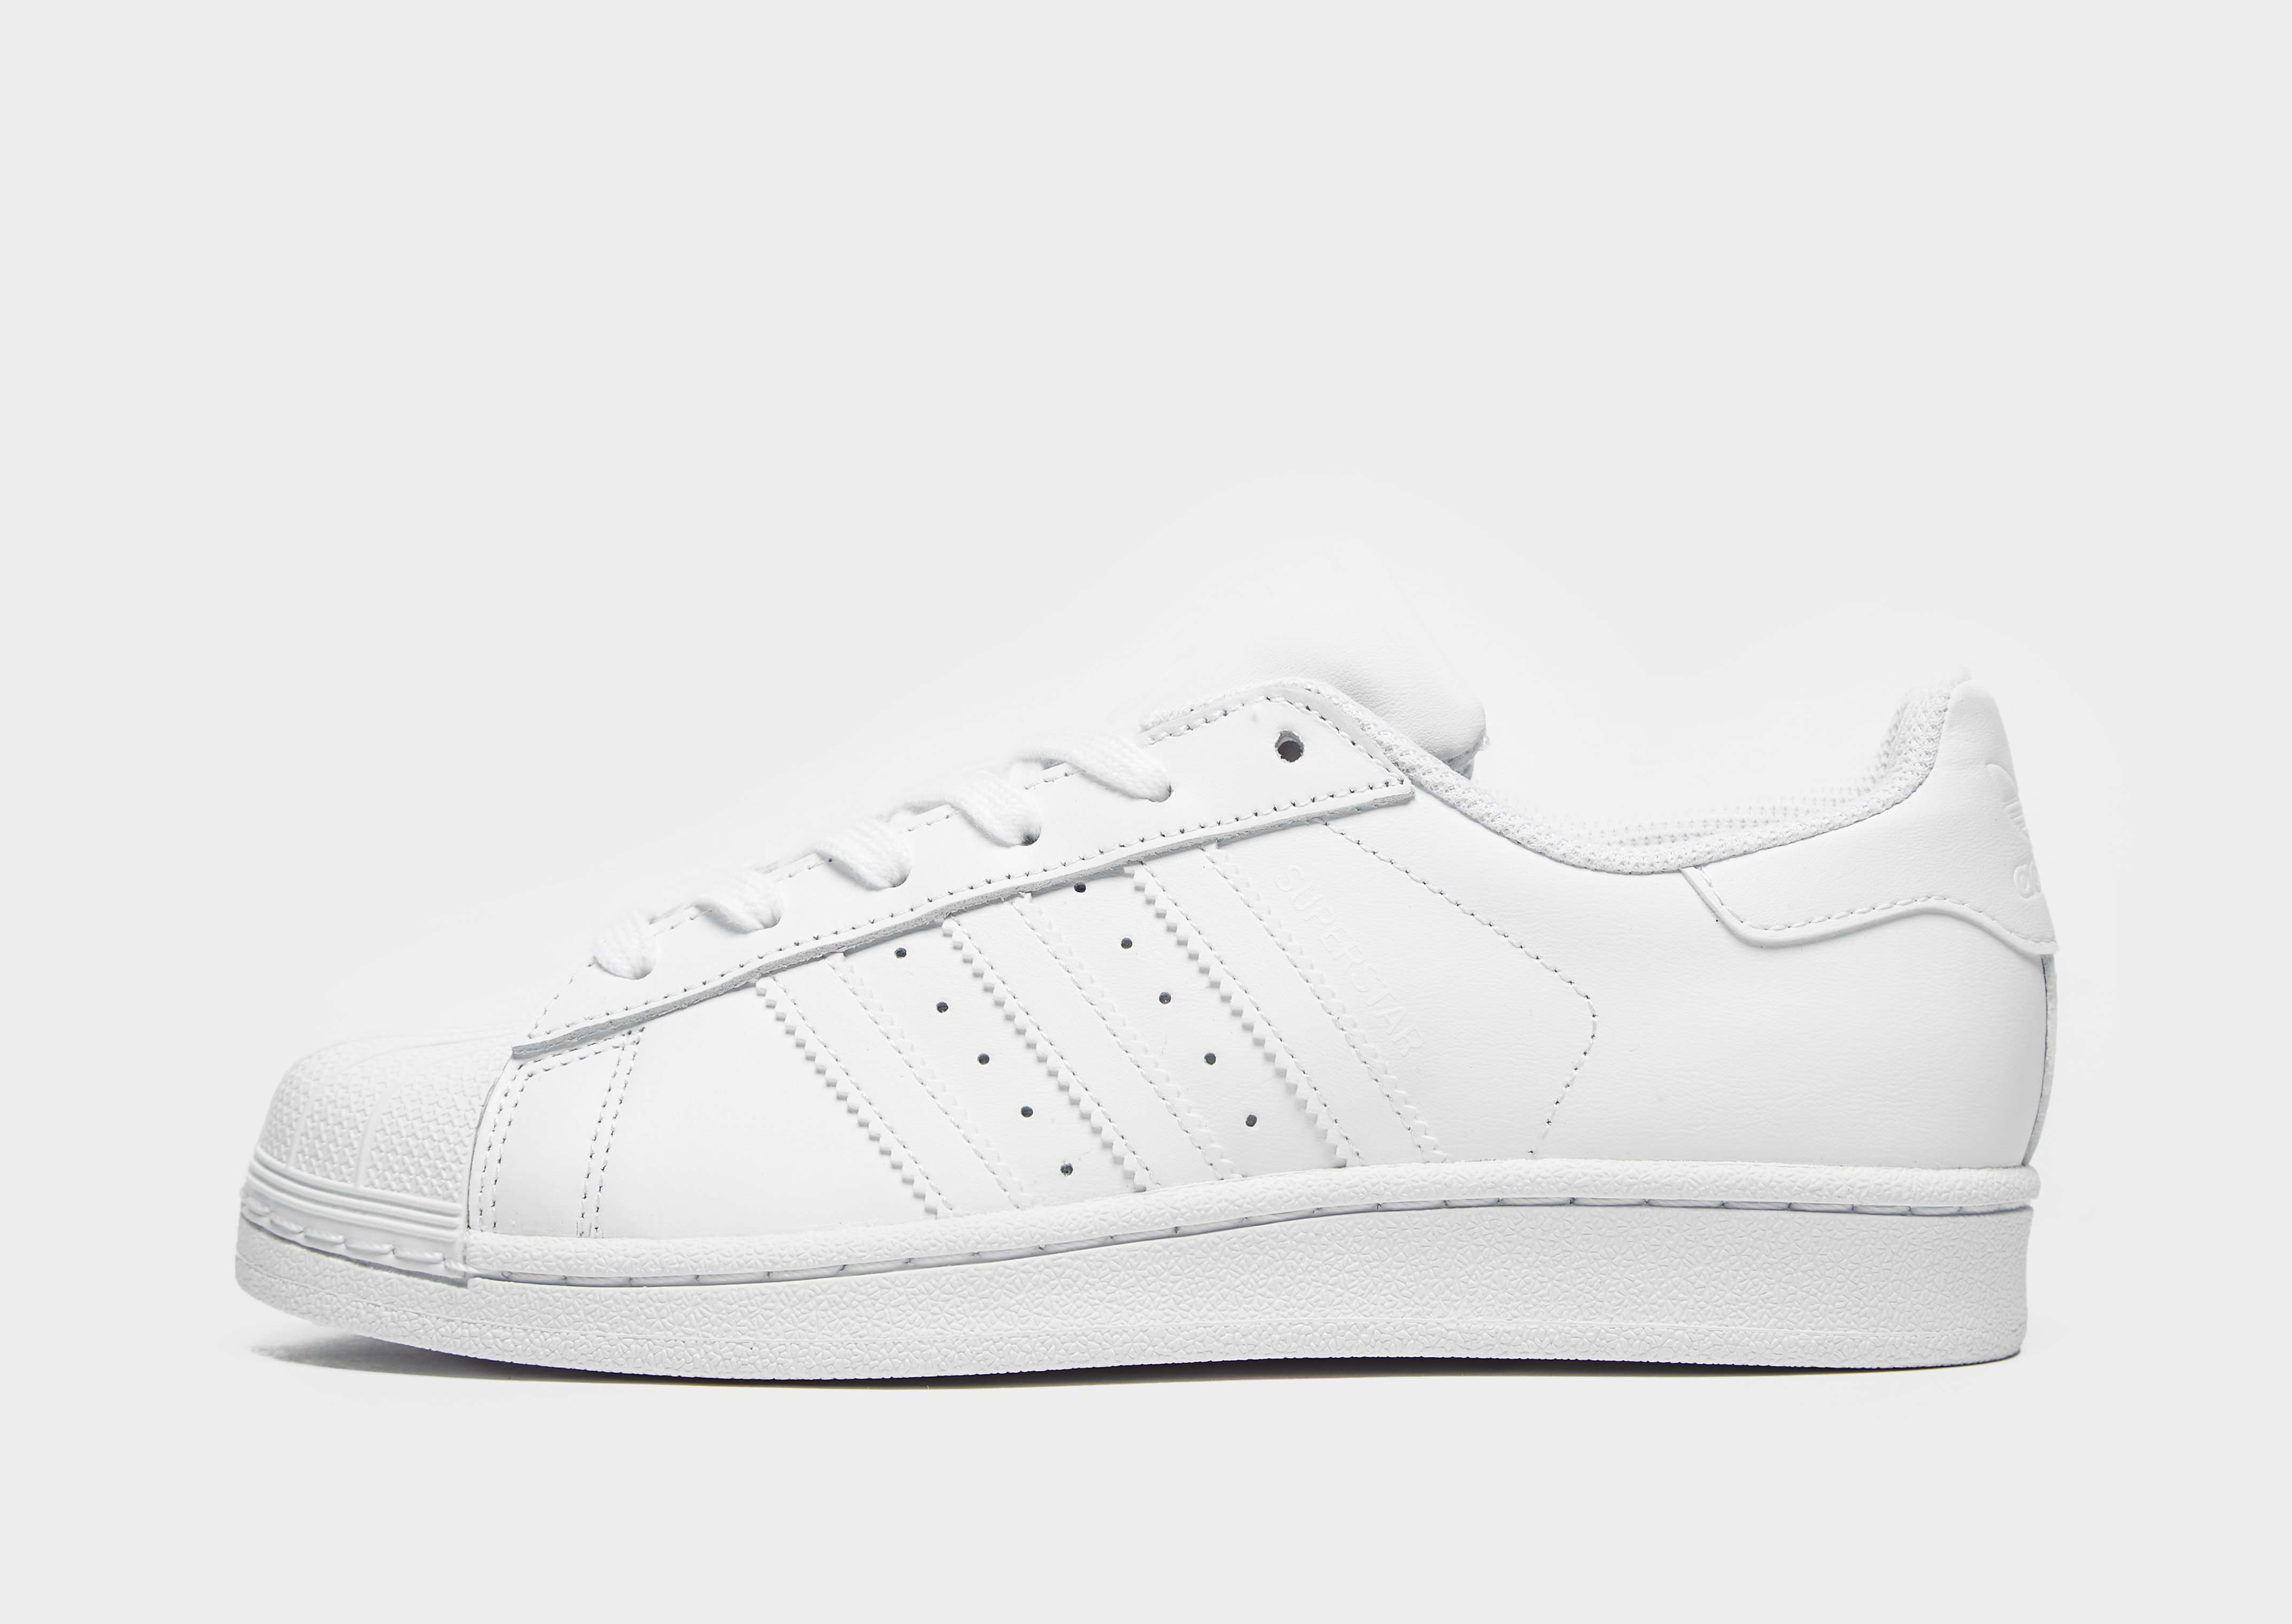 Adidas Superstar Junior Size 3